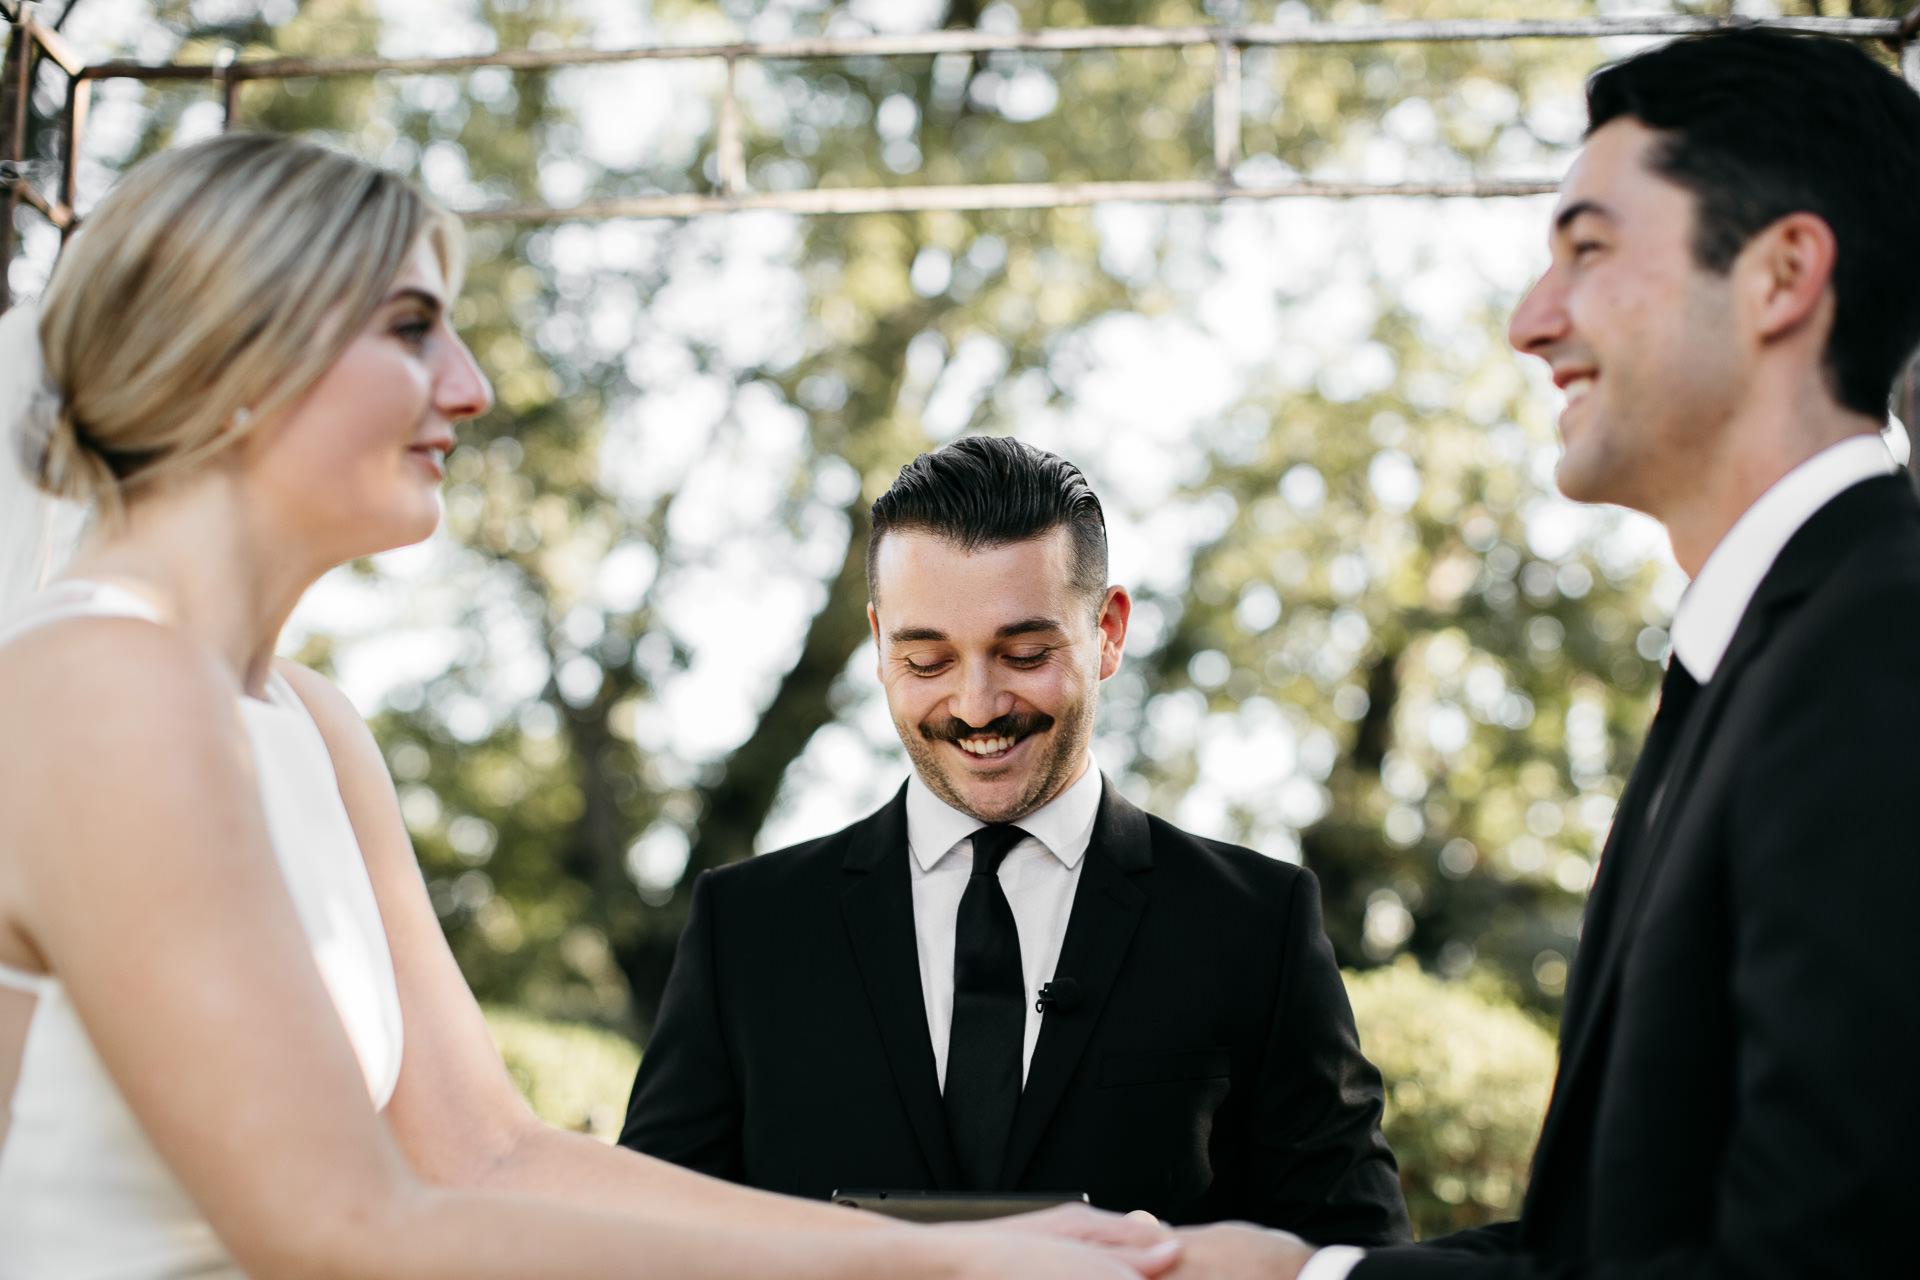 lauren_graham_wedding_california_park_winters_jeanlaurentgaudy_052